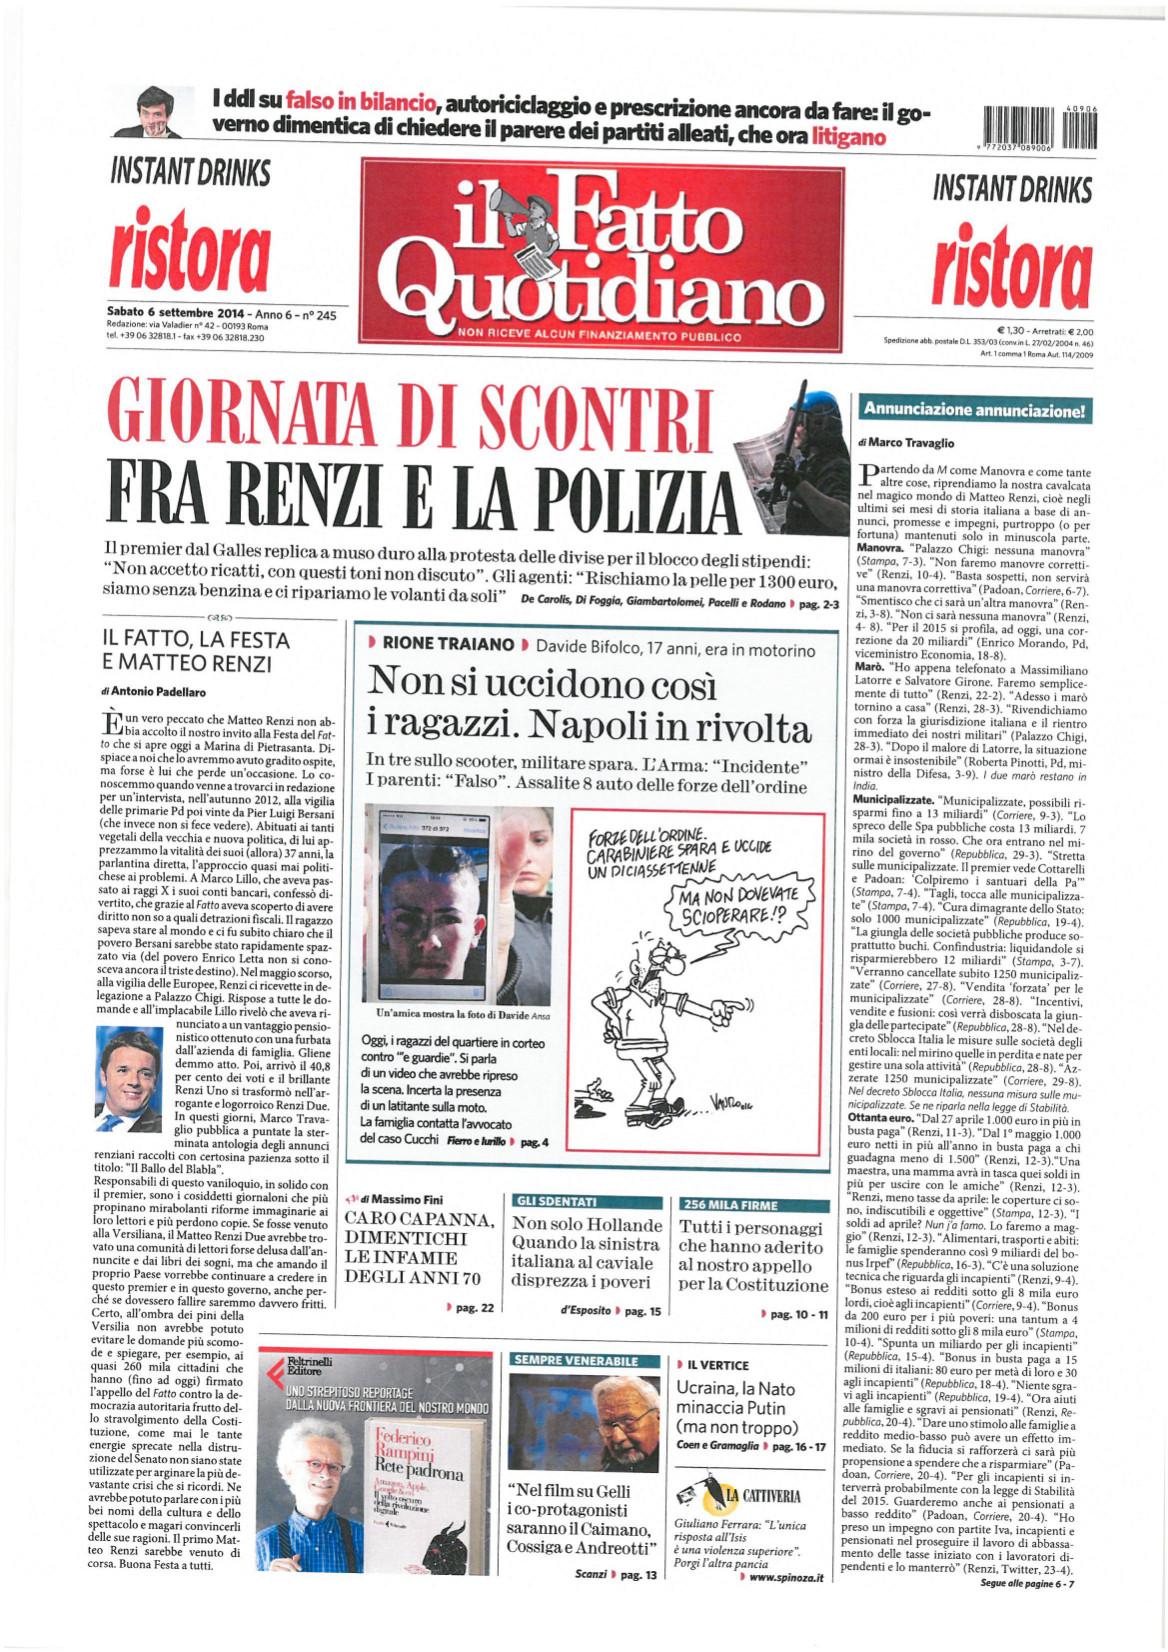 Anno-2014-news